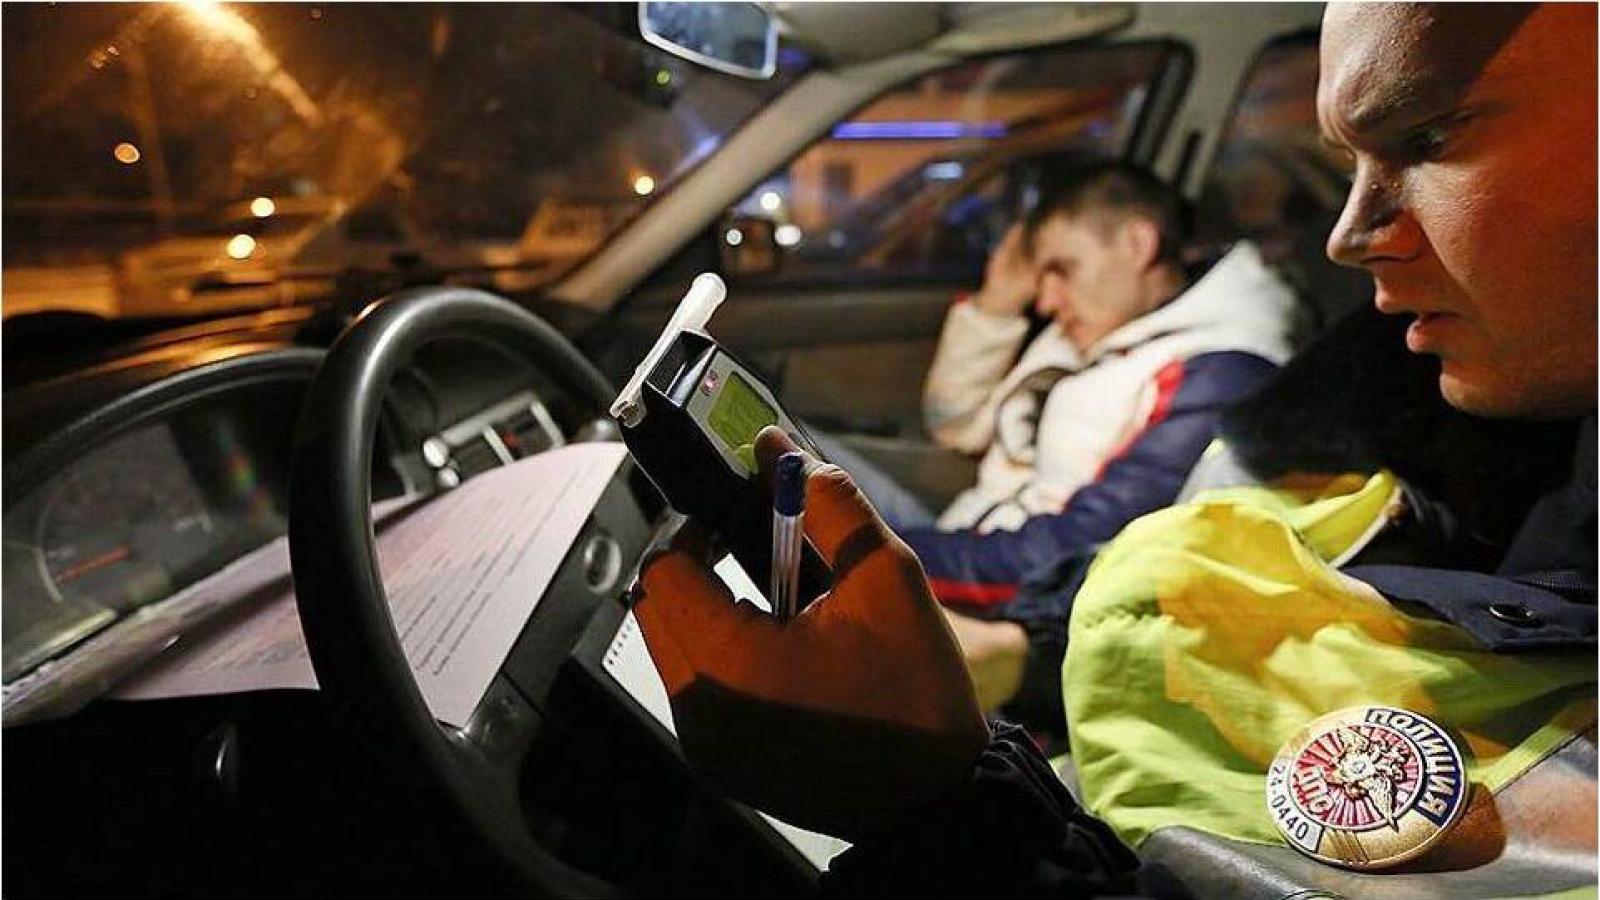 В Вологде на автозаправке задержали пьяного водителя